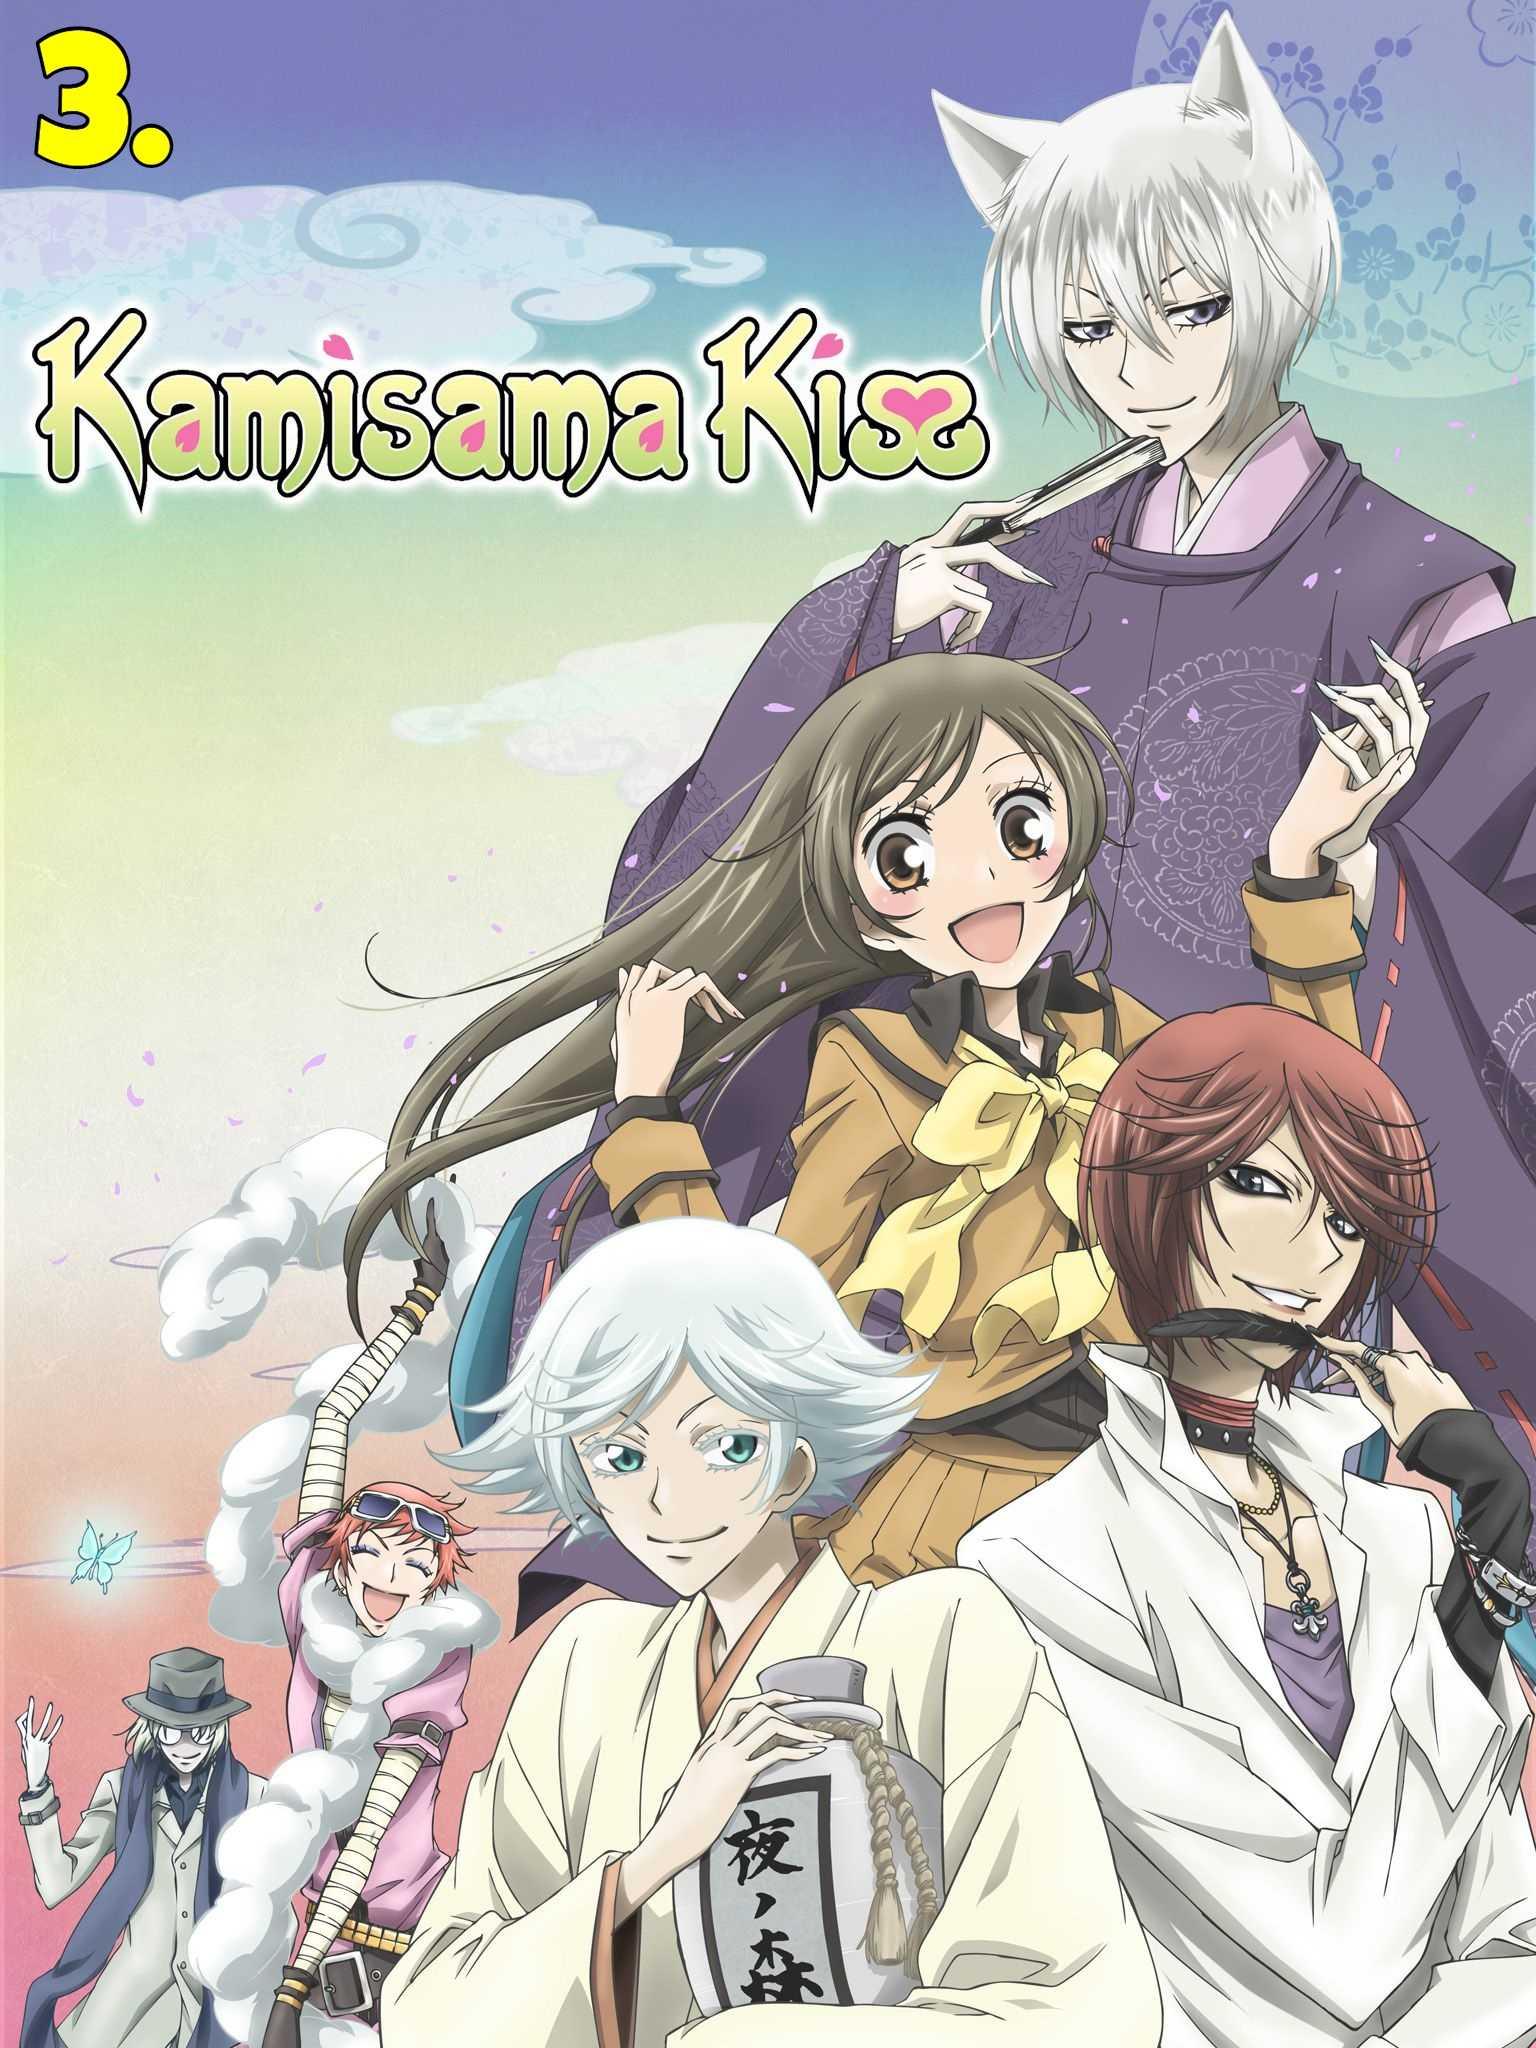 Kamisama Hajimemashita (Kamisama Kiss)